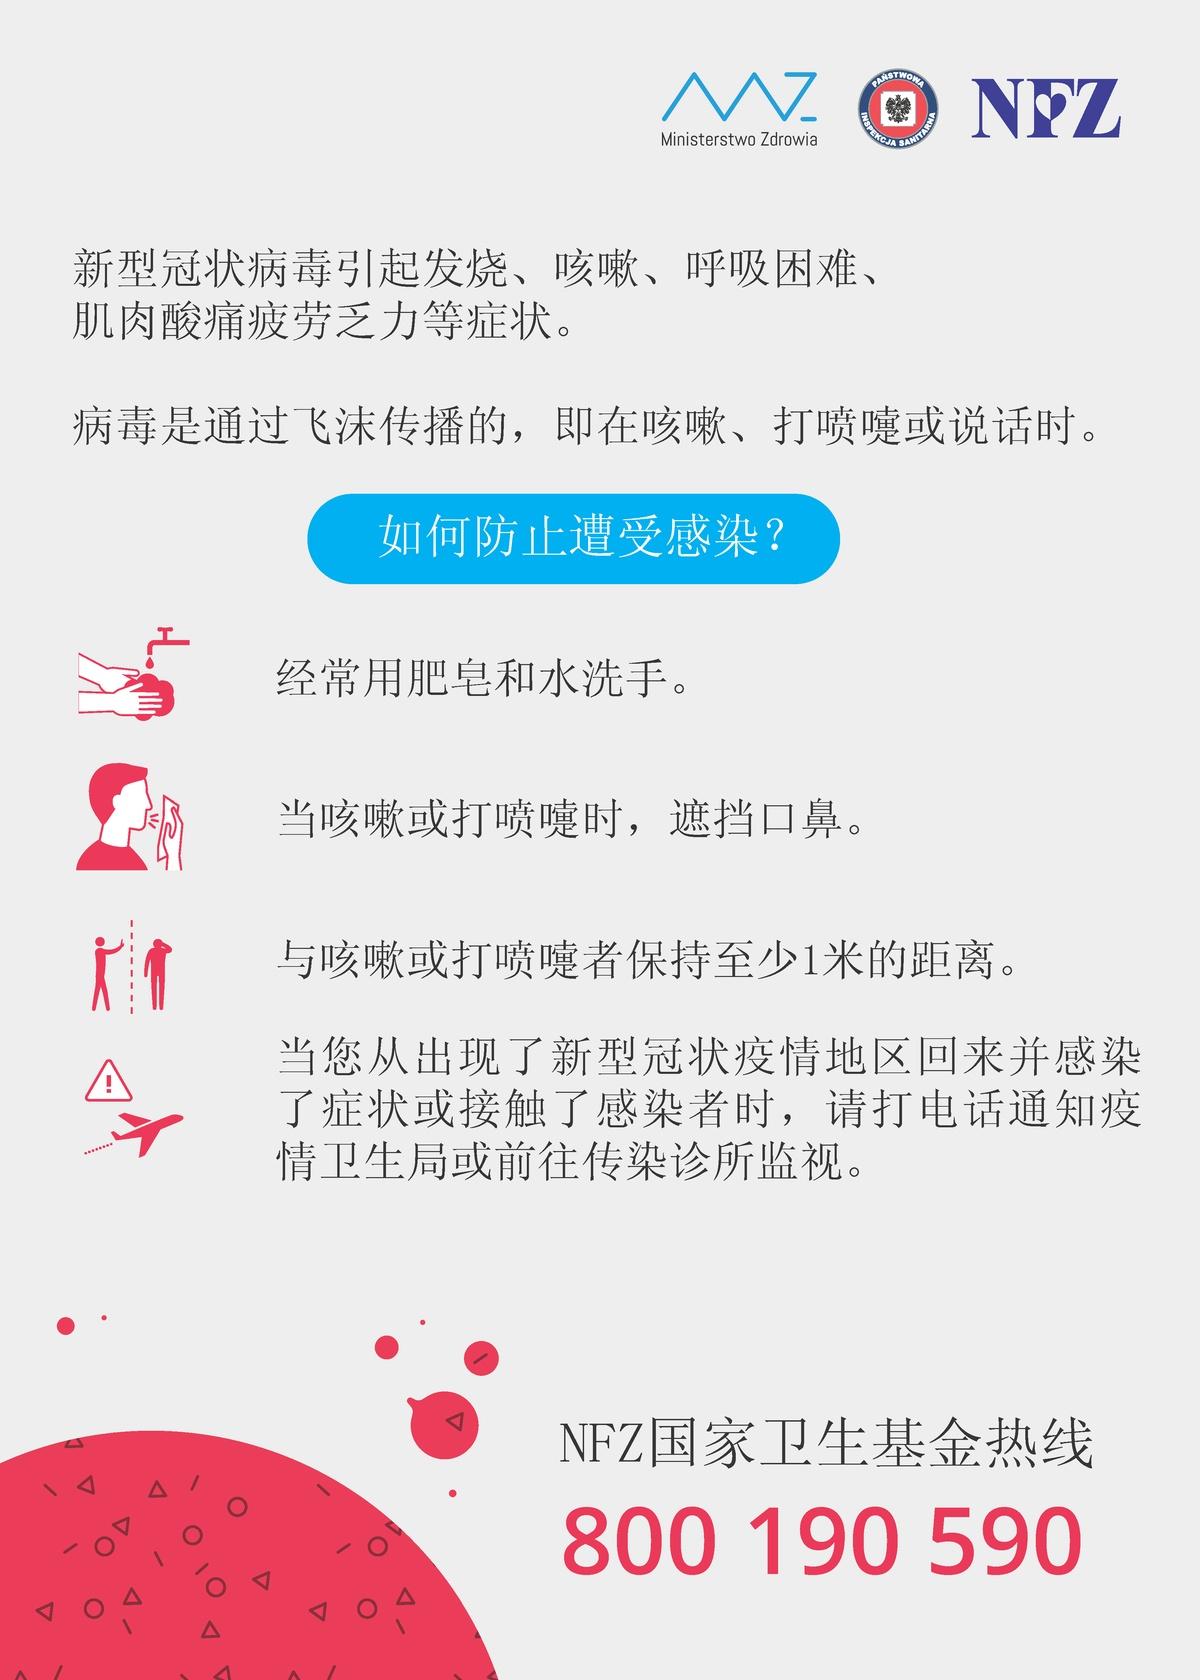 UWAGA! Koronawirus wciąż się rozprzestrzenia - język chiński